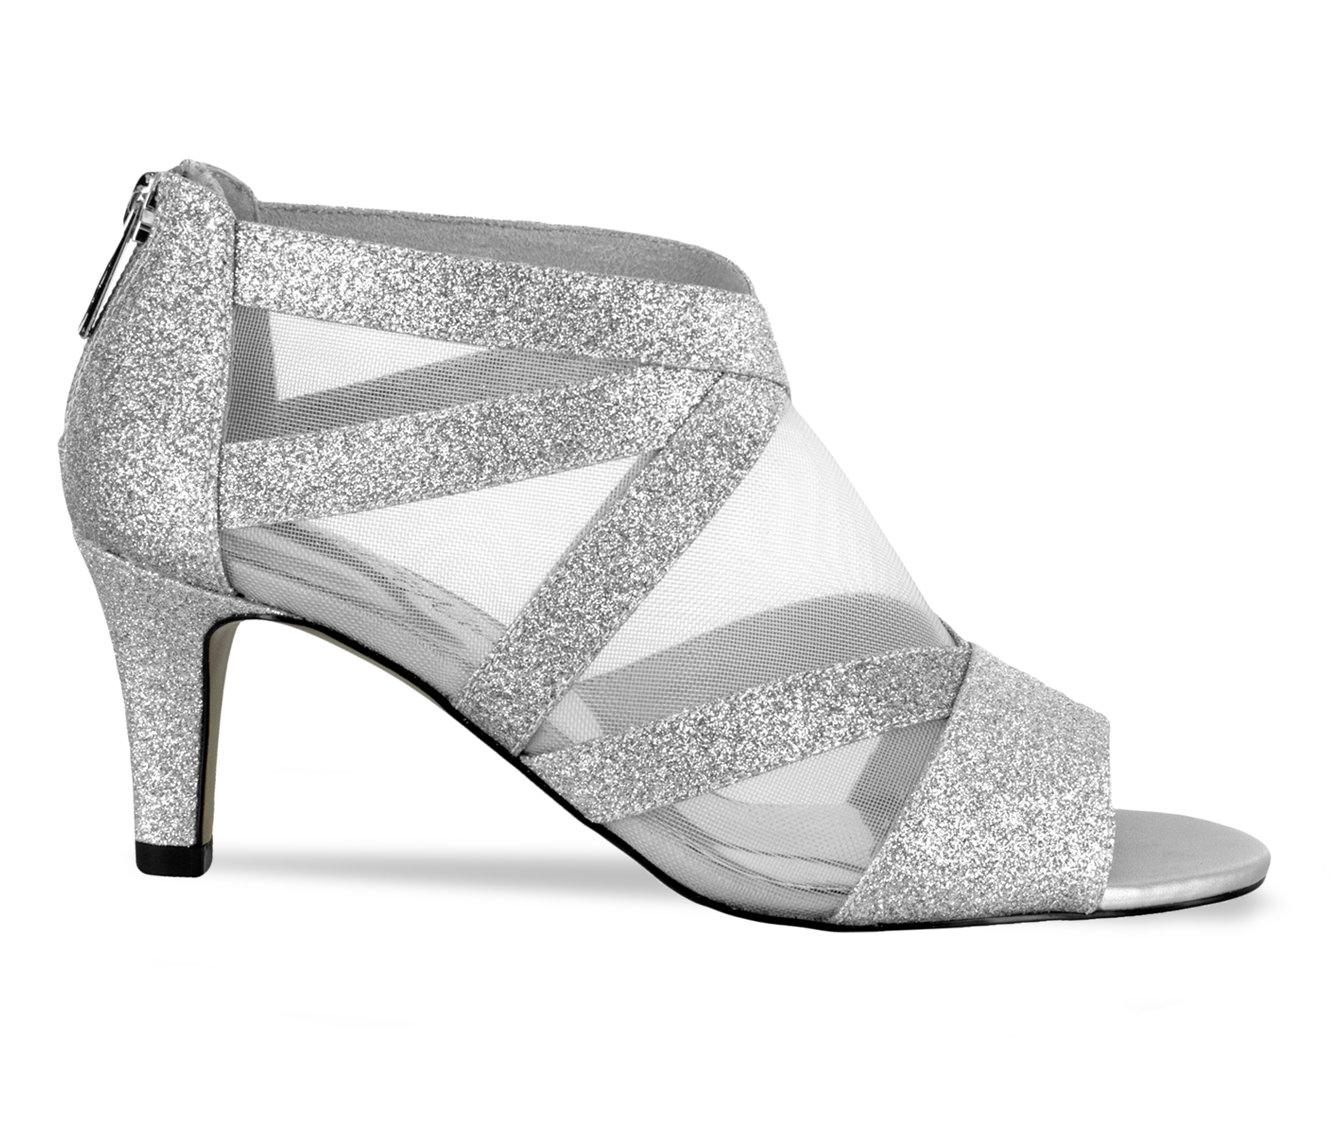 Easy Street Dazzle Women's Dress Shoe (Silver Faux Leather)